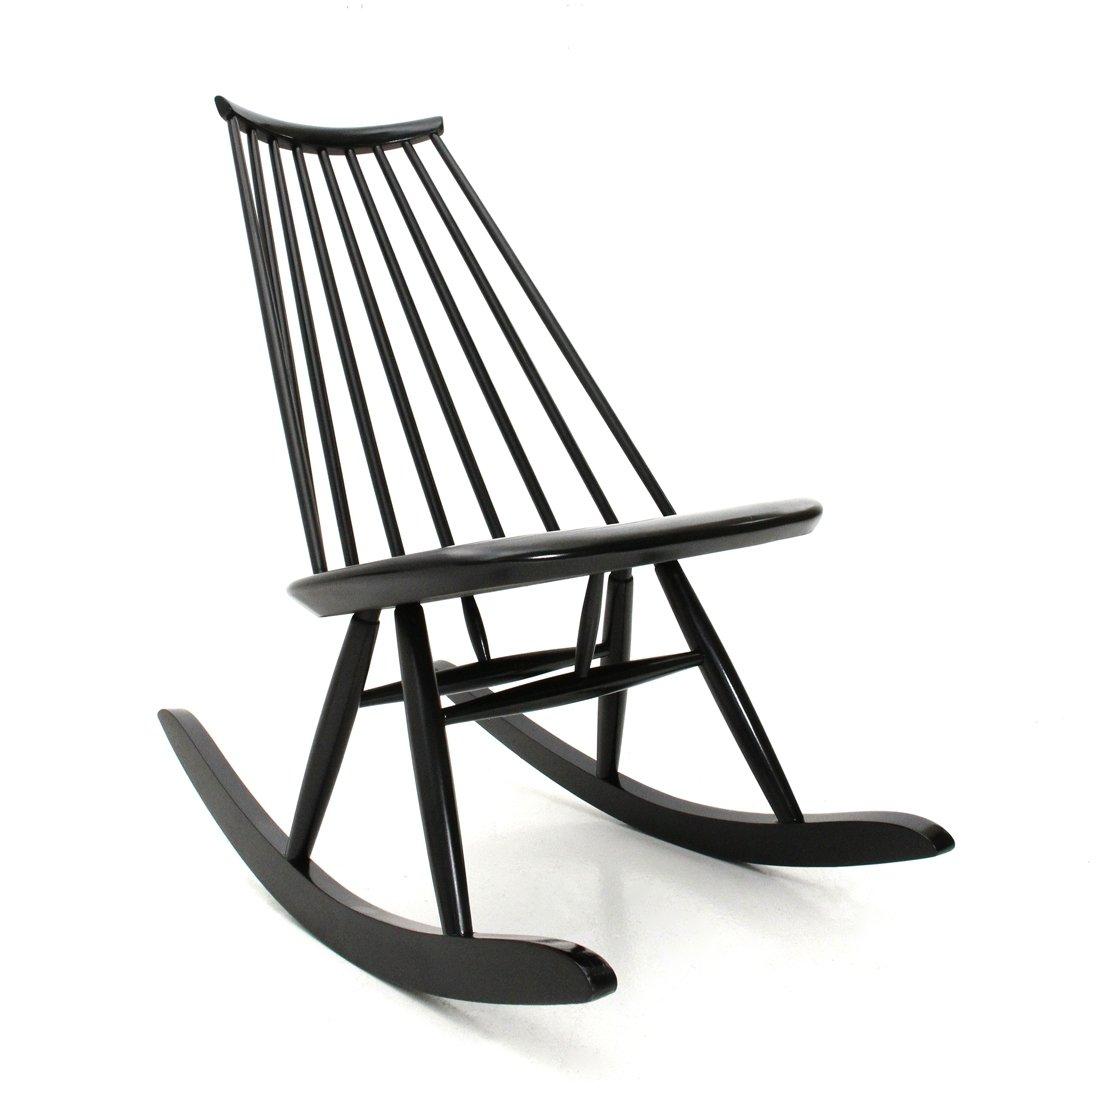 Midcentury Modern Black Mademoiselle Rocking Chair By Ilmari Tapiovaara For Artek 1950s